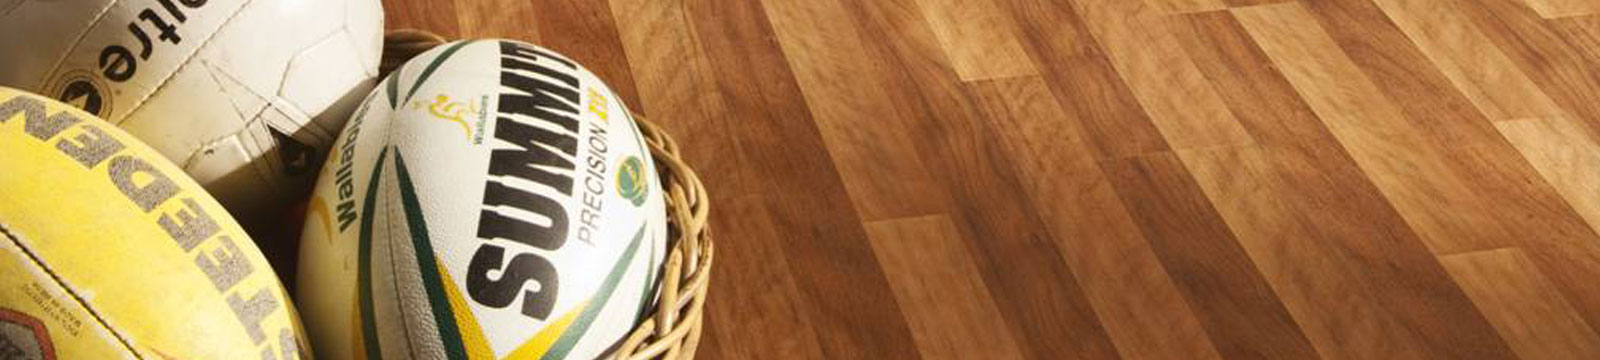 Titan Laminate Flooring